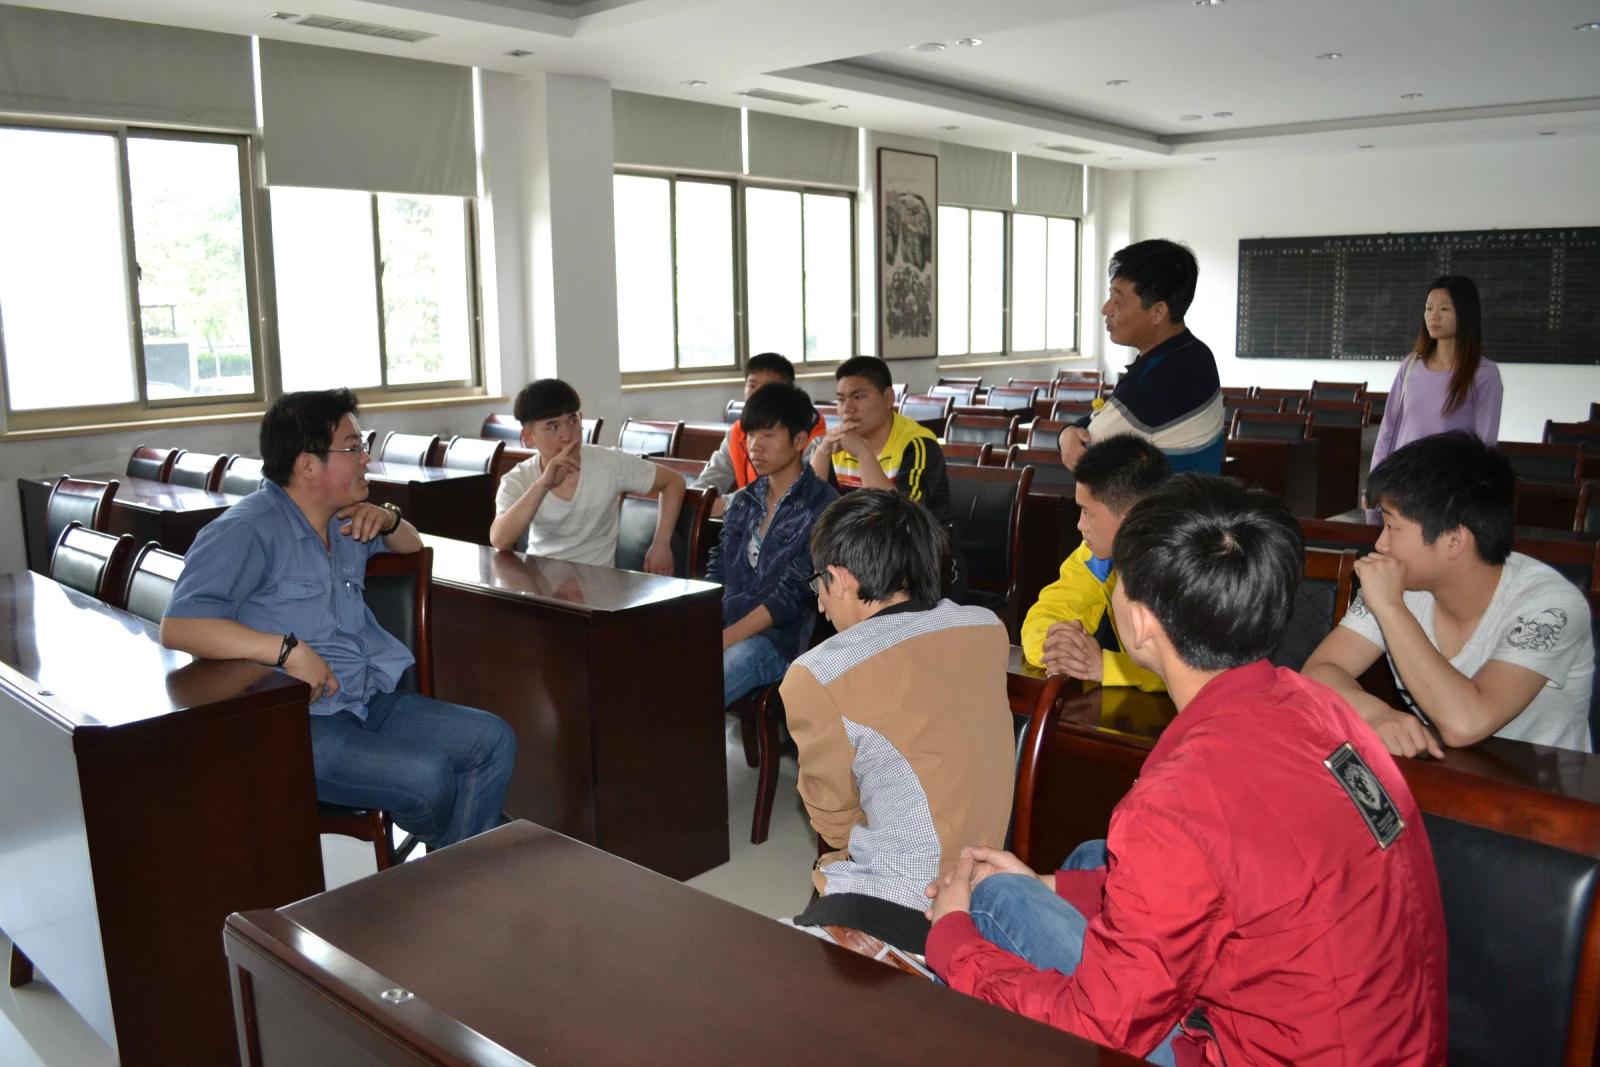 洛阳服务外包学院机械专业学生深受企业欢迎